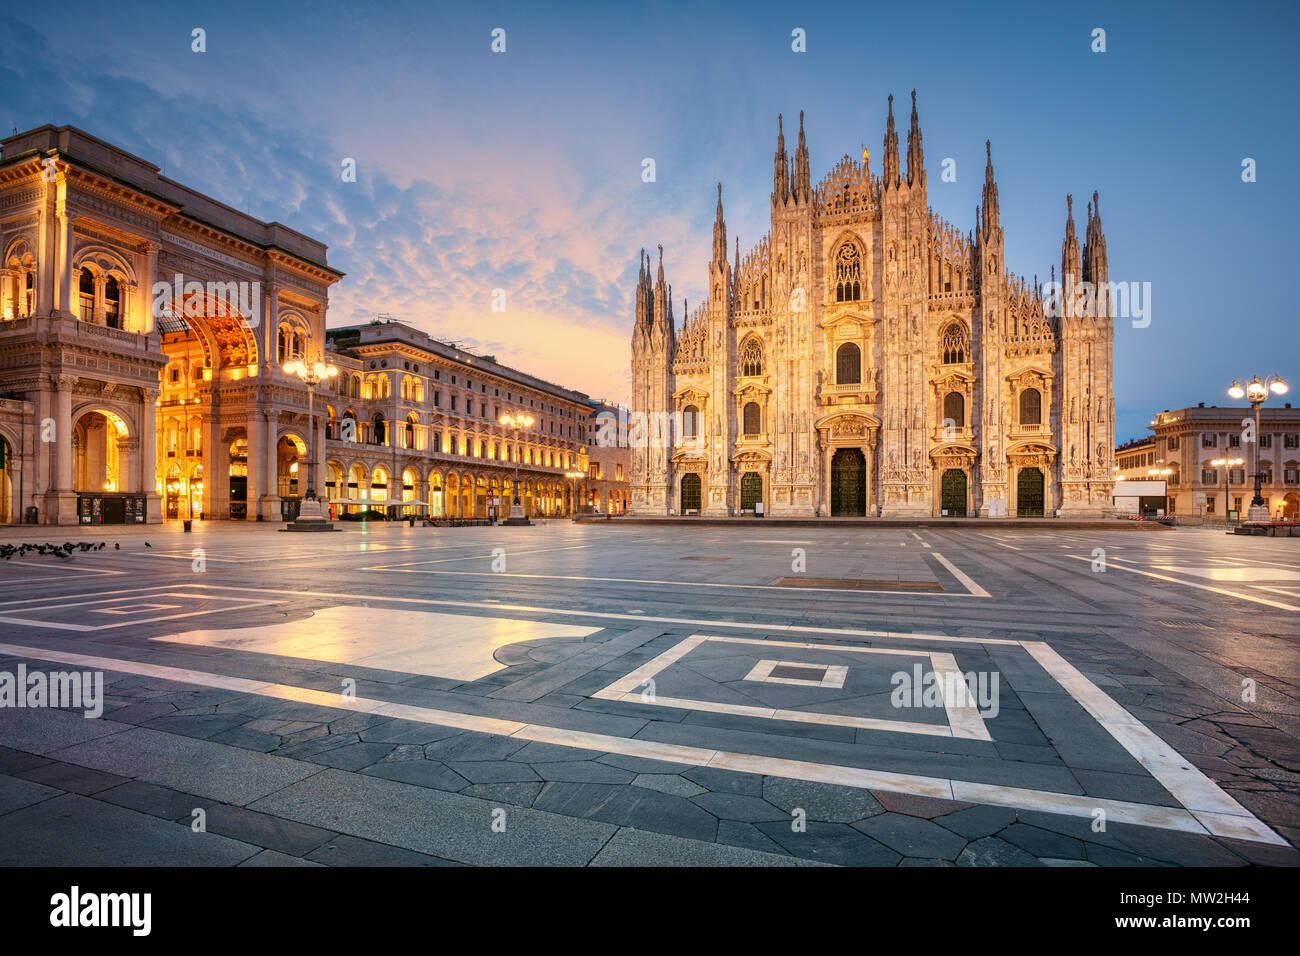 Milano. Cityscape immagine di Milano con il Duomo di Milano durante il sunrise. Immagini Stock